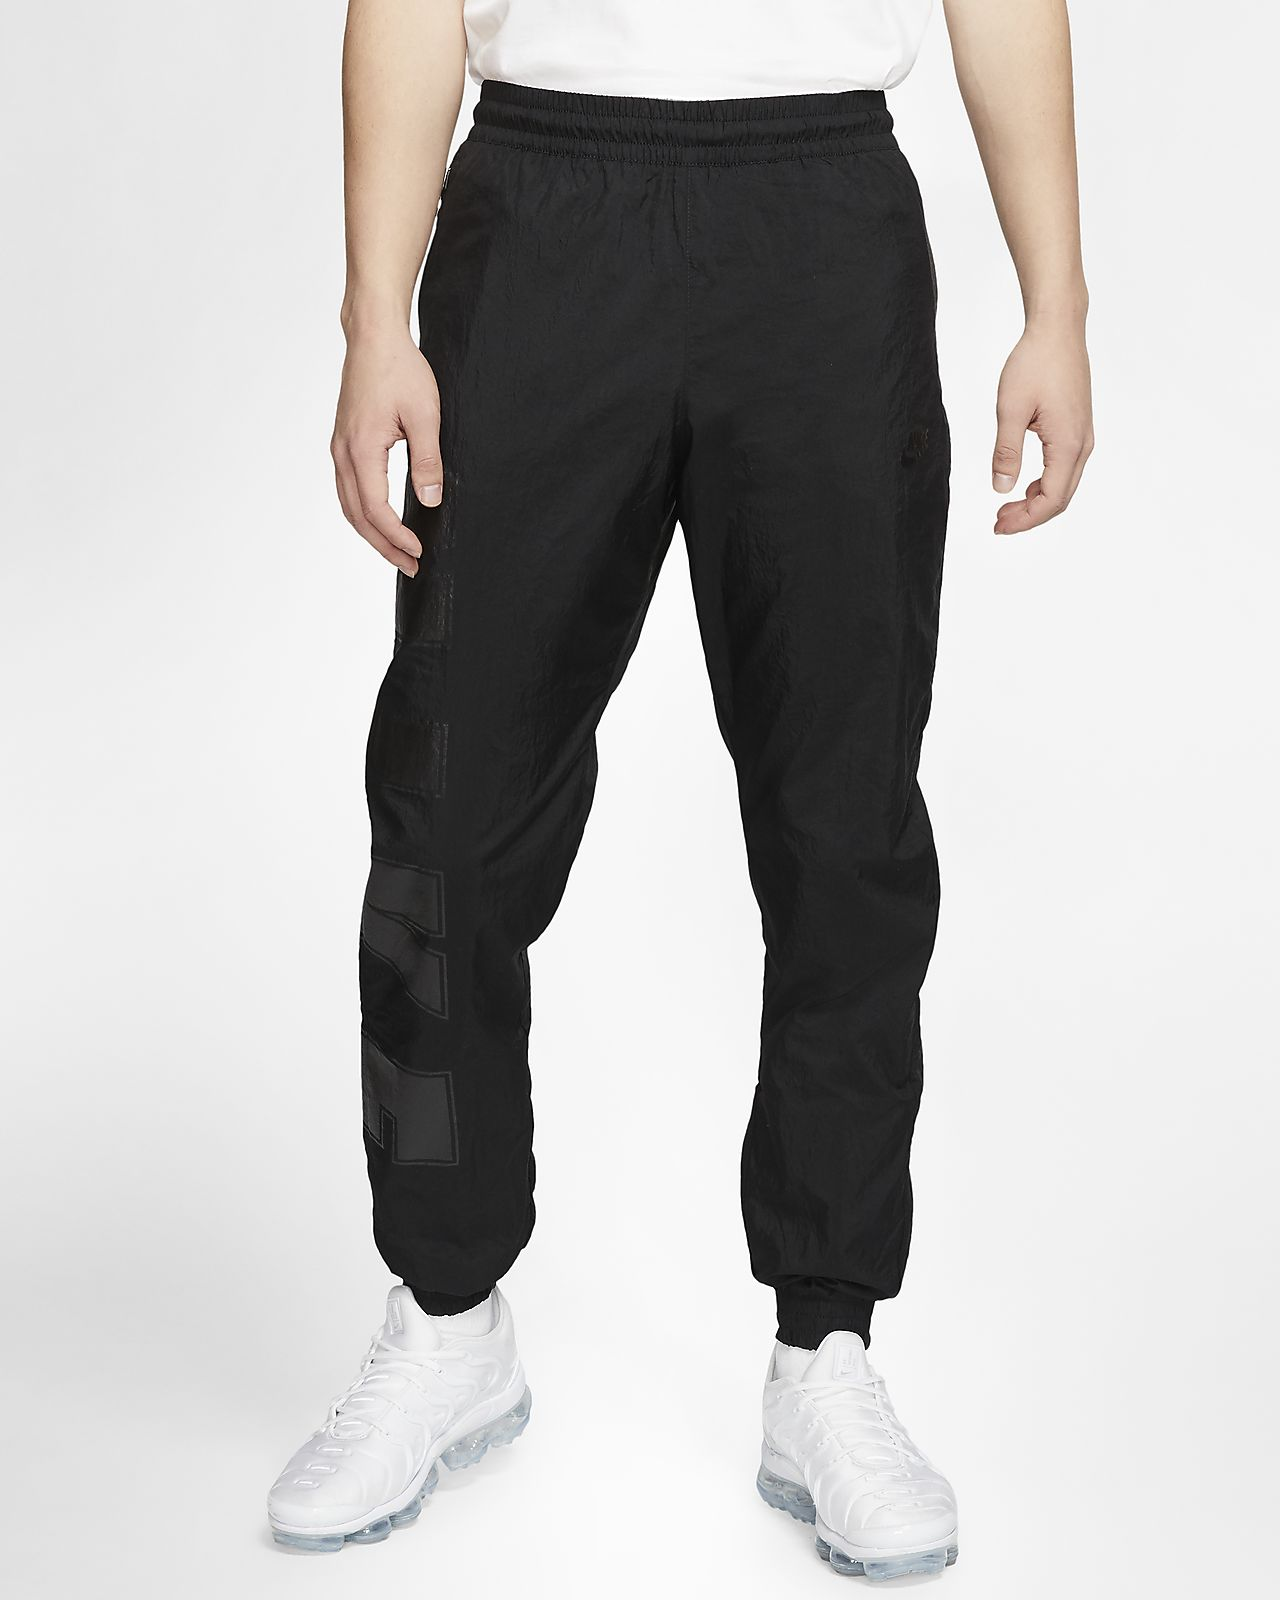 Pantalon tissé Nike Sportswear